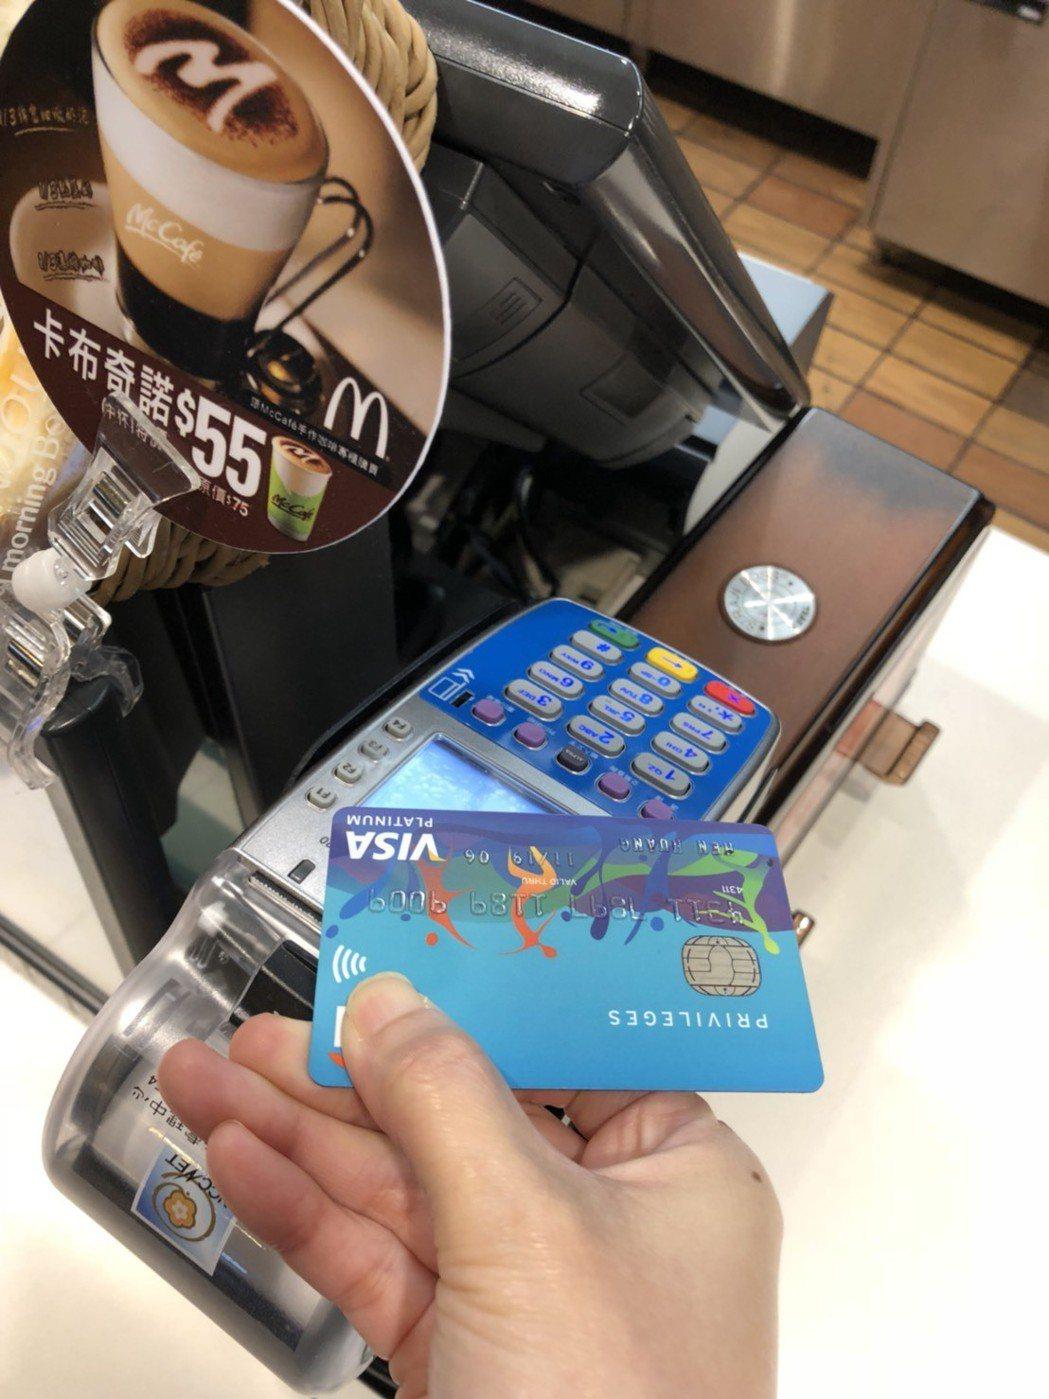 台灣麥當勞開放刷卡服務,包括中信、永豐、台北富邦、玉山等27家銀行。 圖/台灣麥...